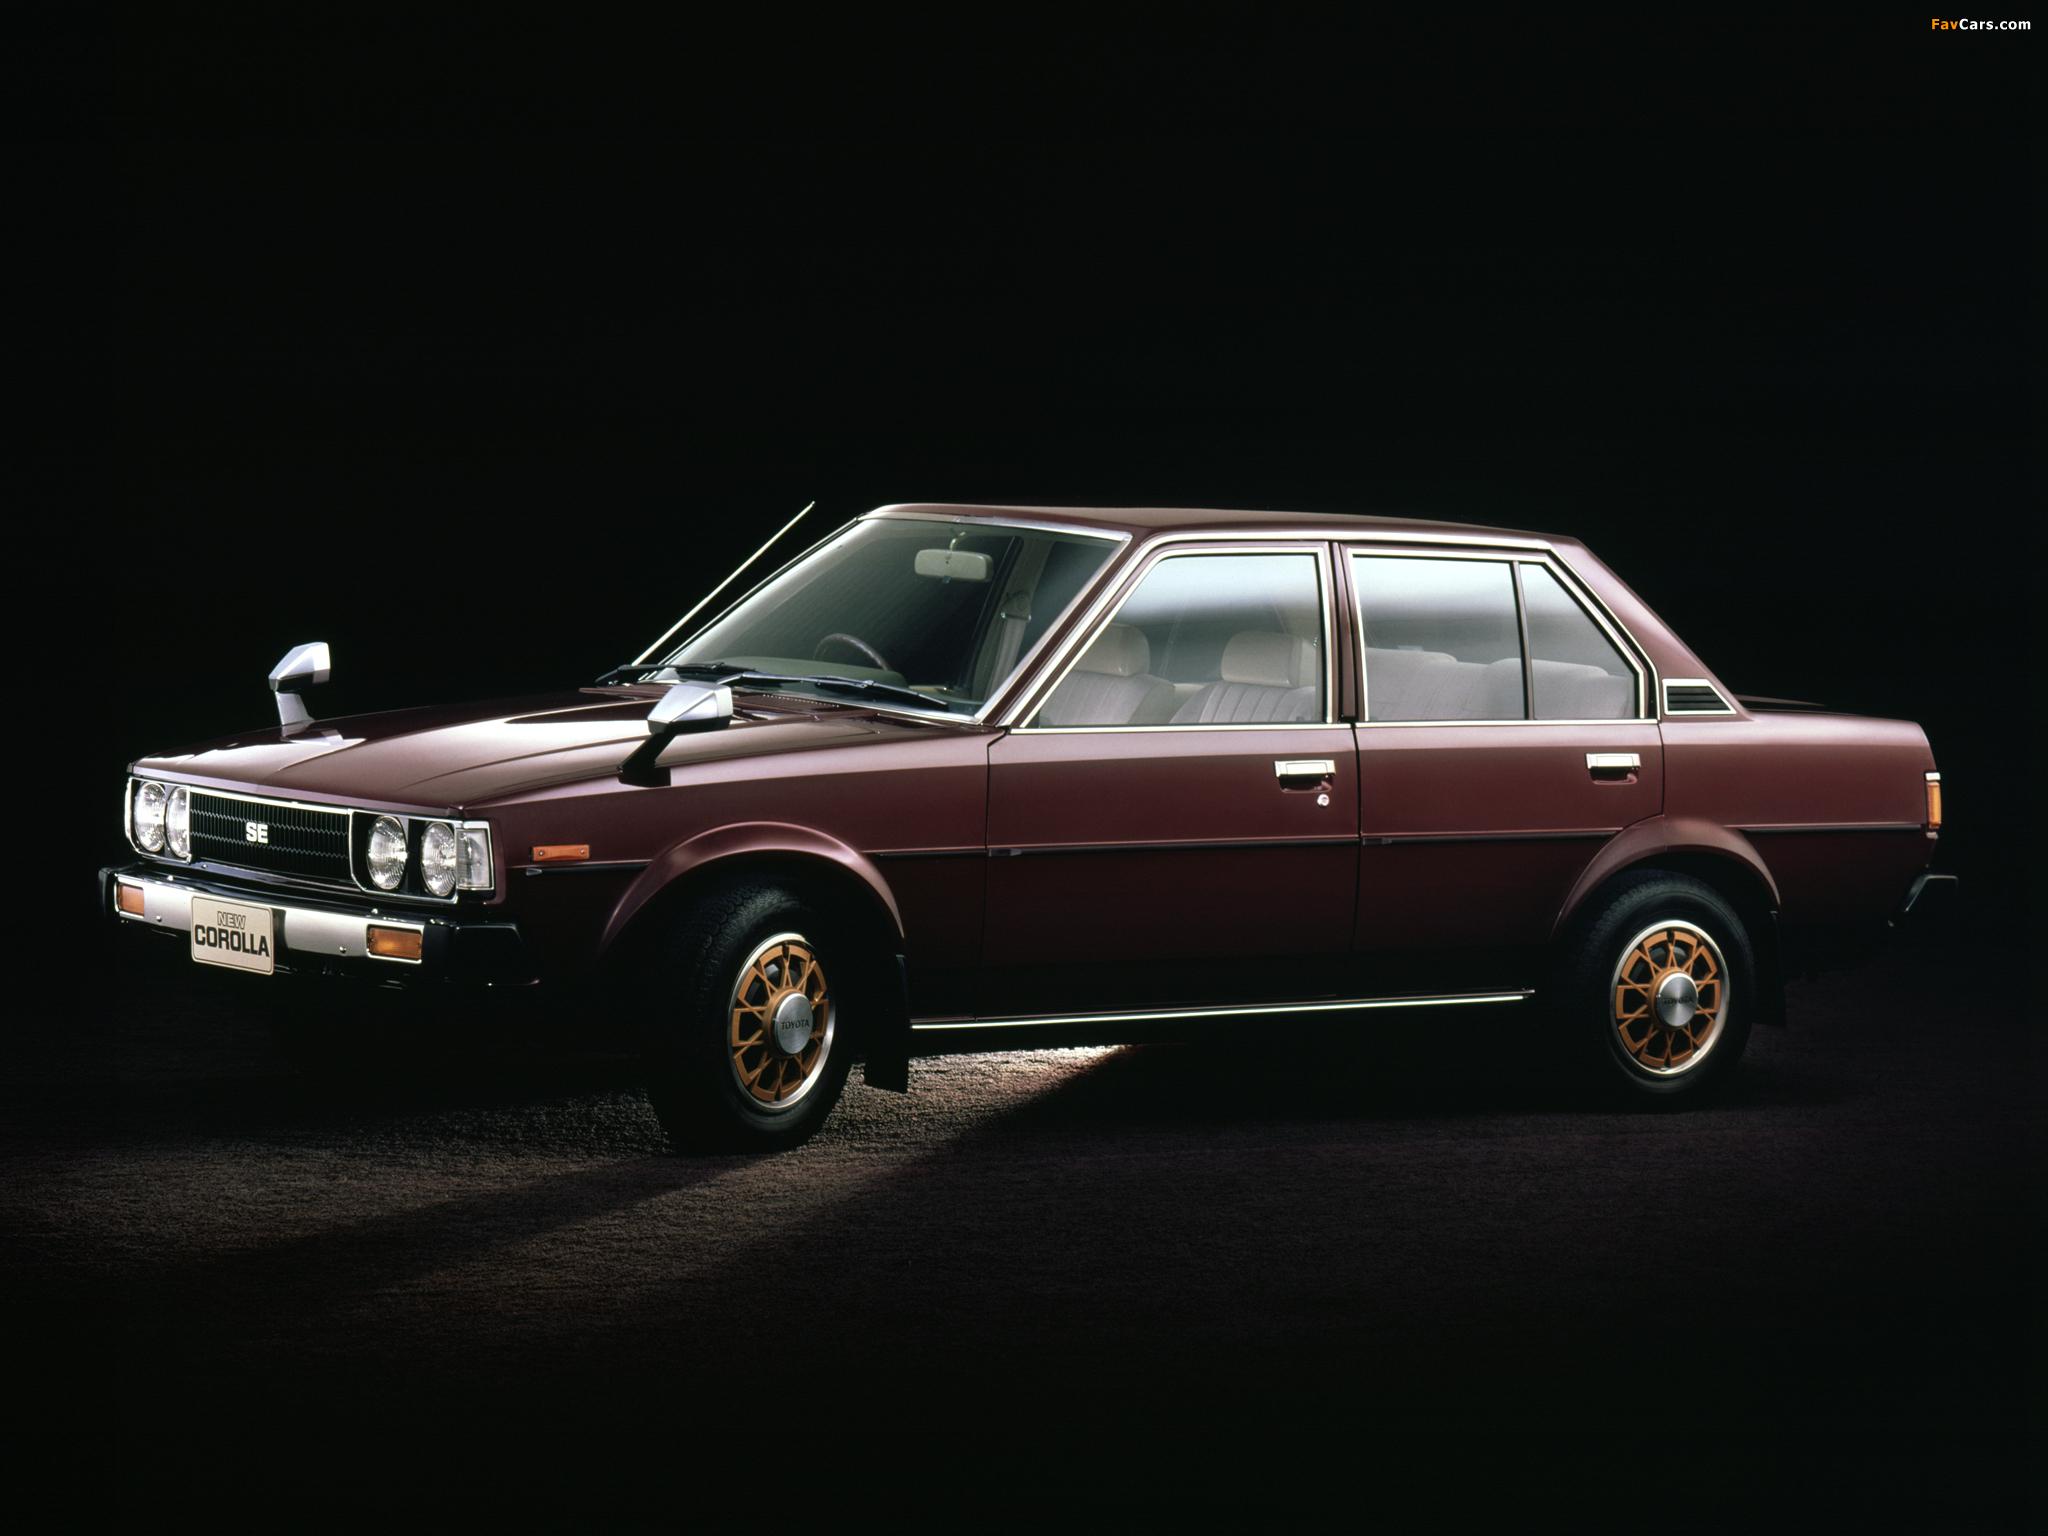 Toyota Corolla Sedan E70 1979 83 Photos 2048x1536